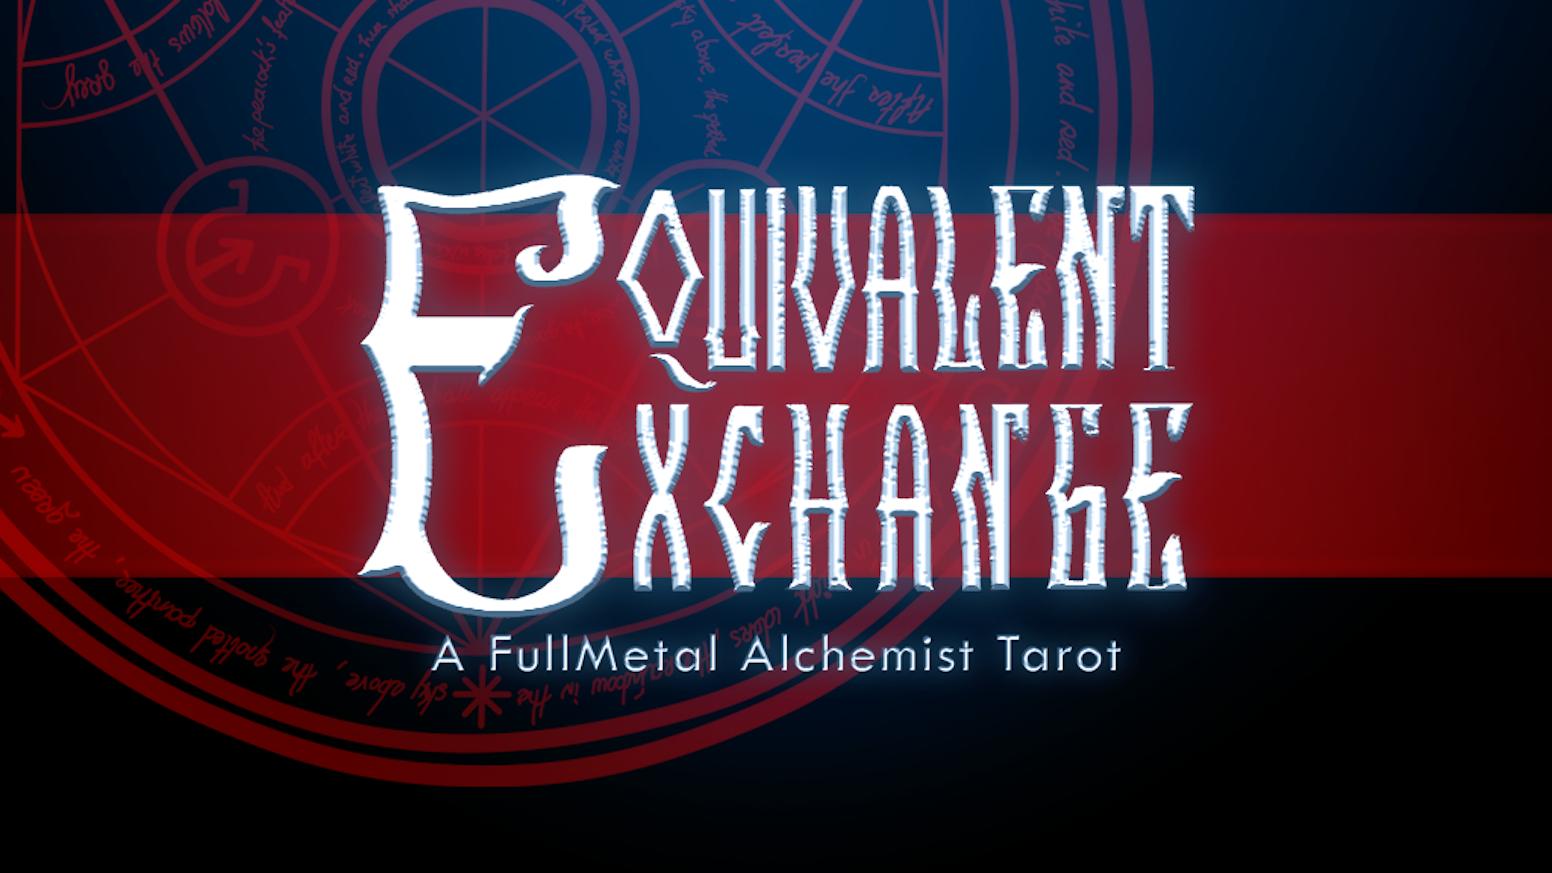 Full Metal Alchemist Pdf Fr equivalent exchange tarotcatstealers-zines — kickstarter